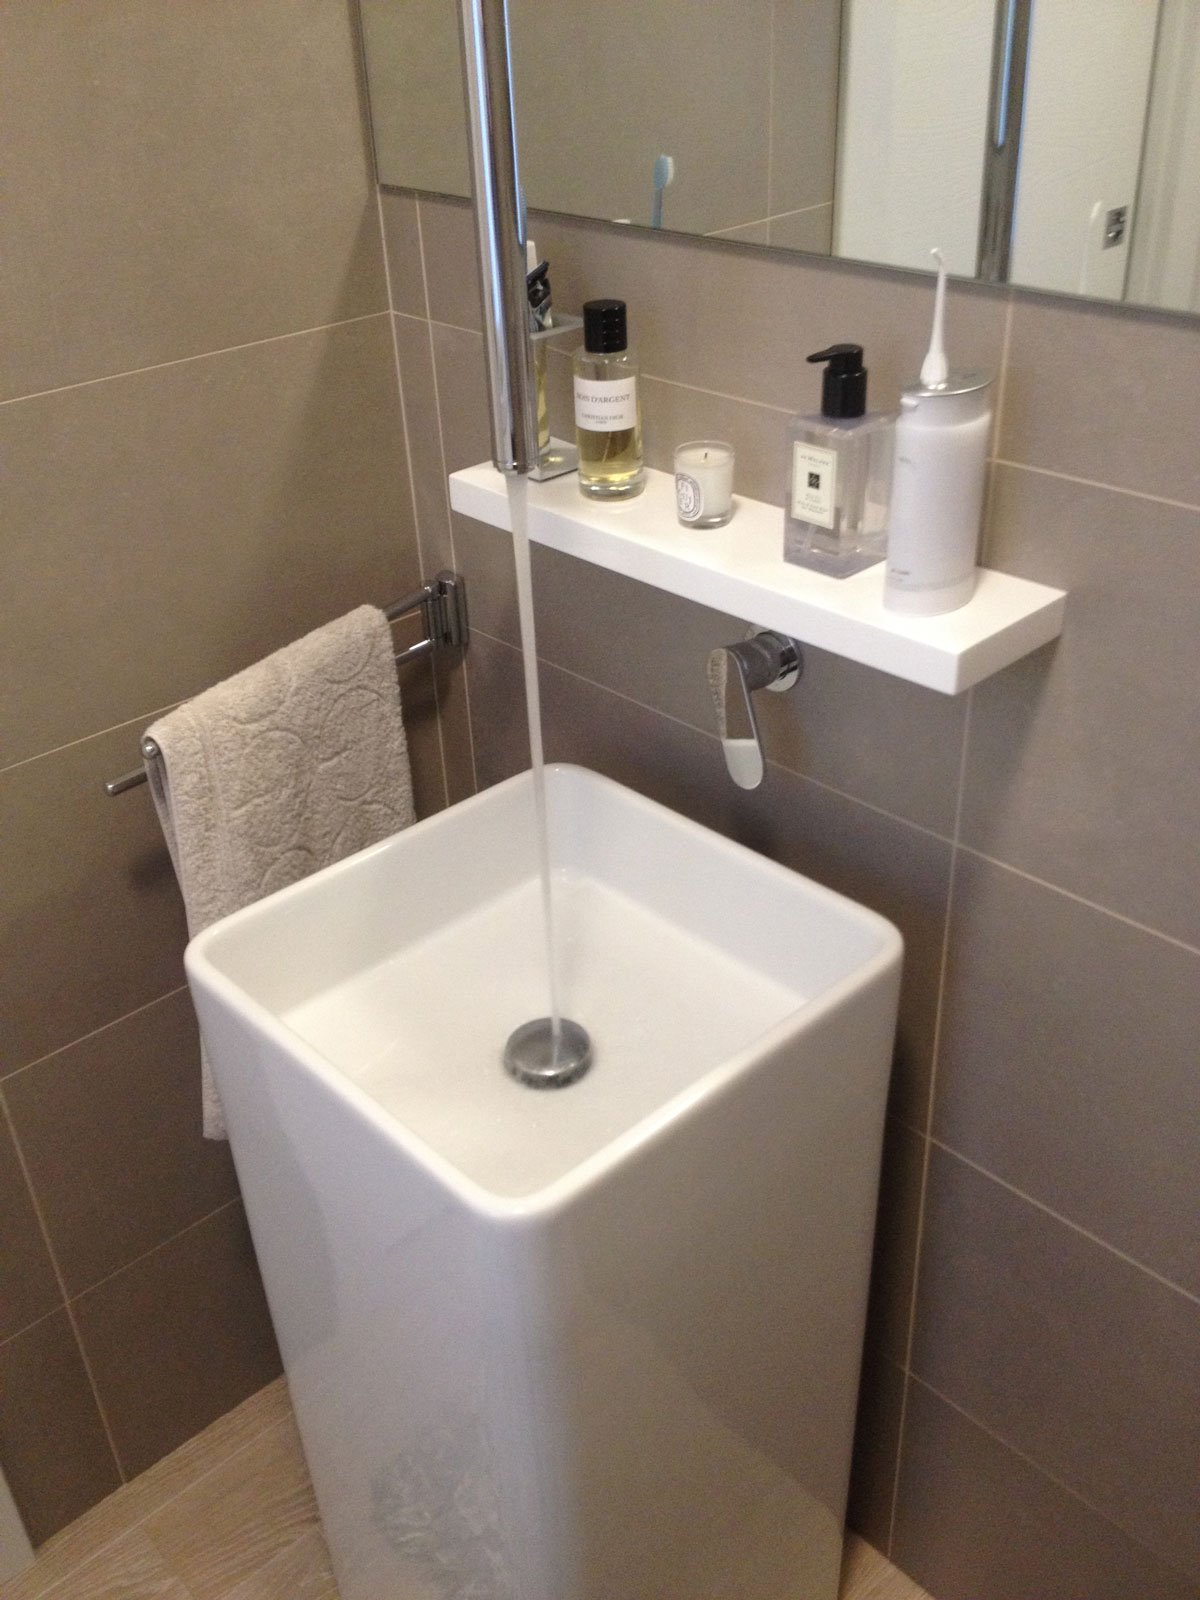 Foto5a img 9913 cose di casa - Bagno con muretto ...